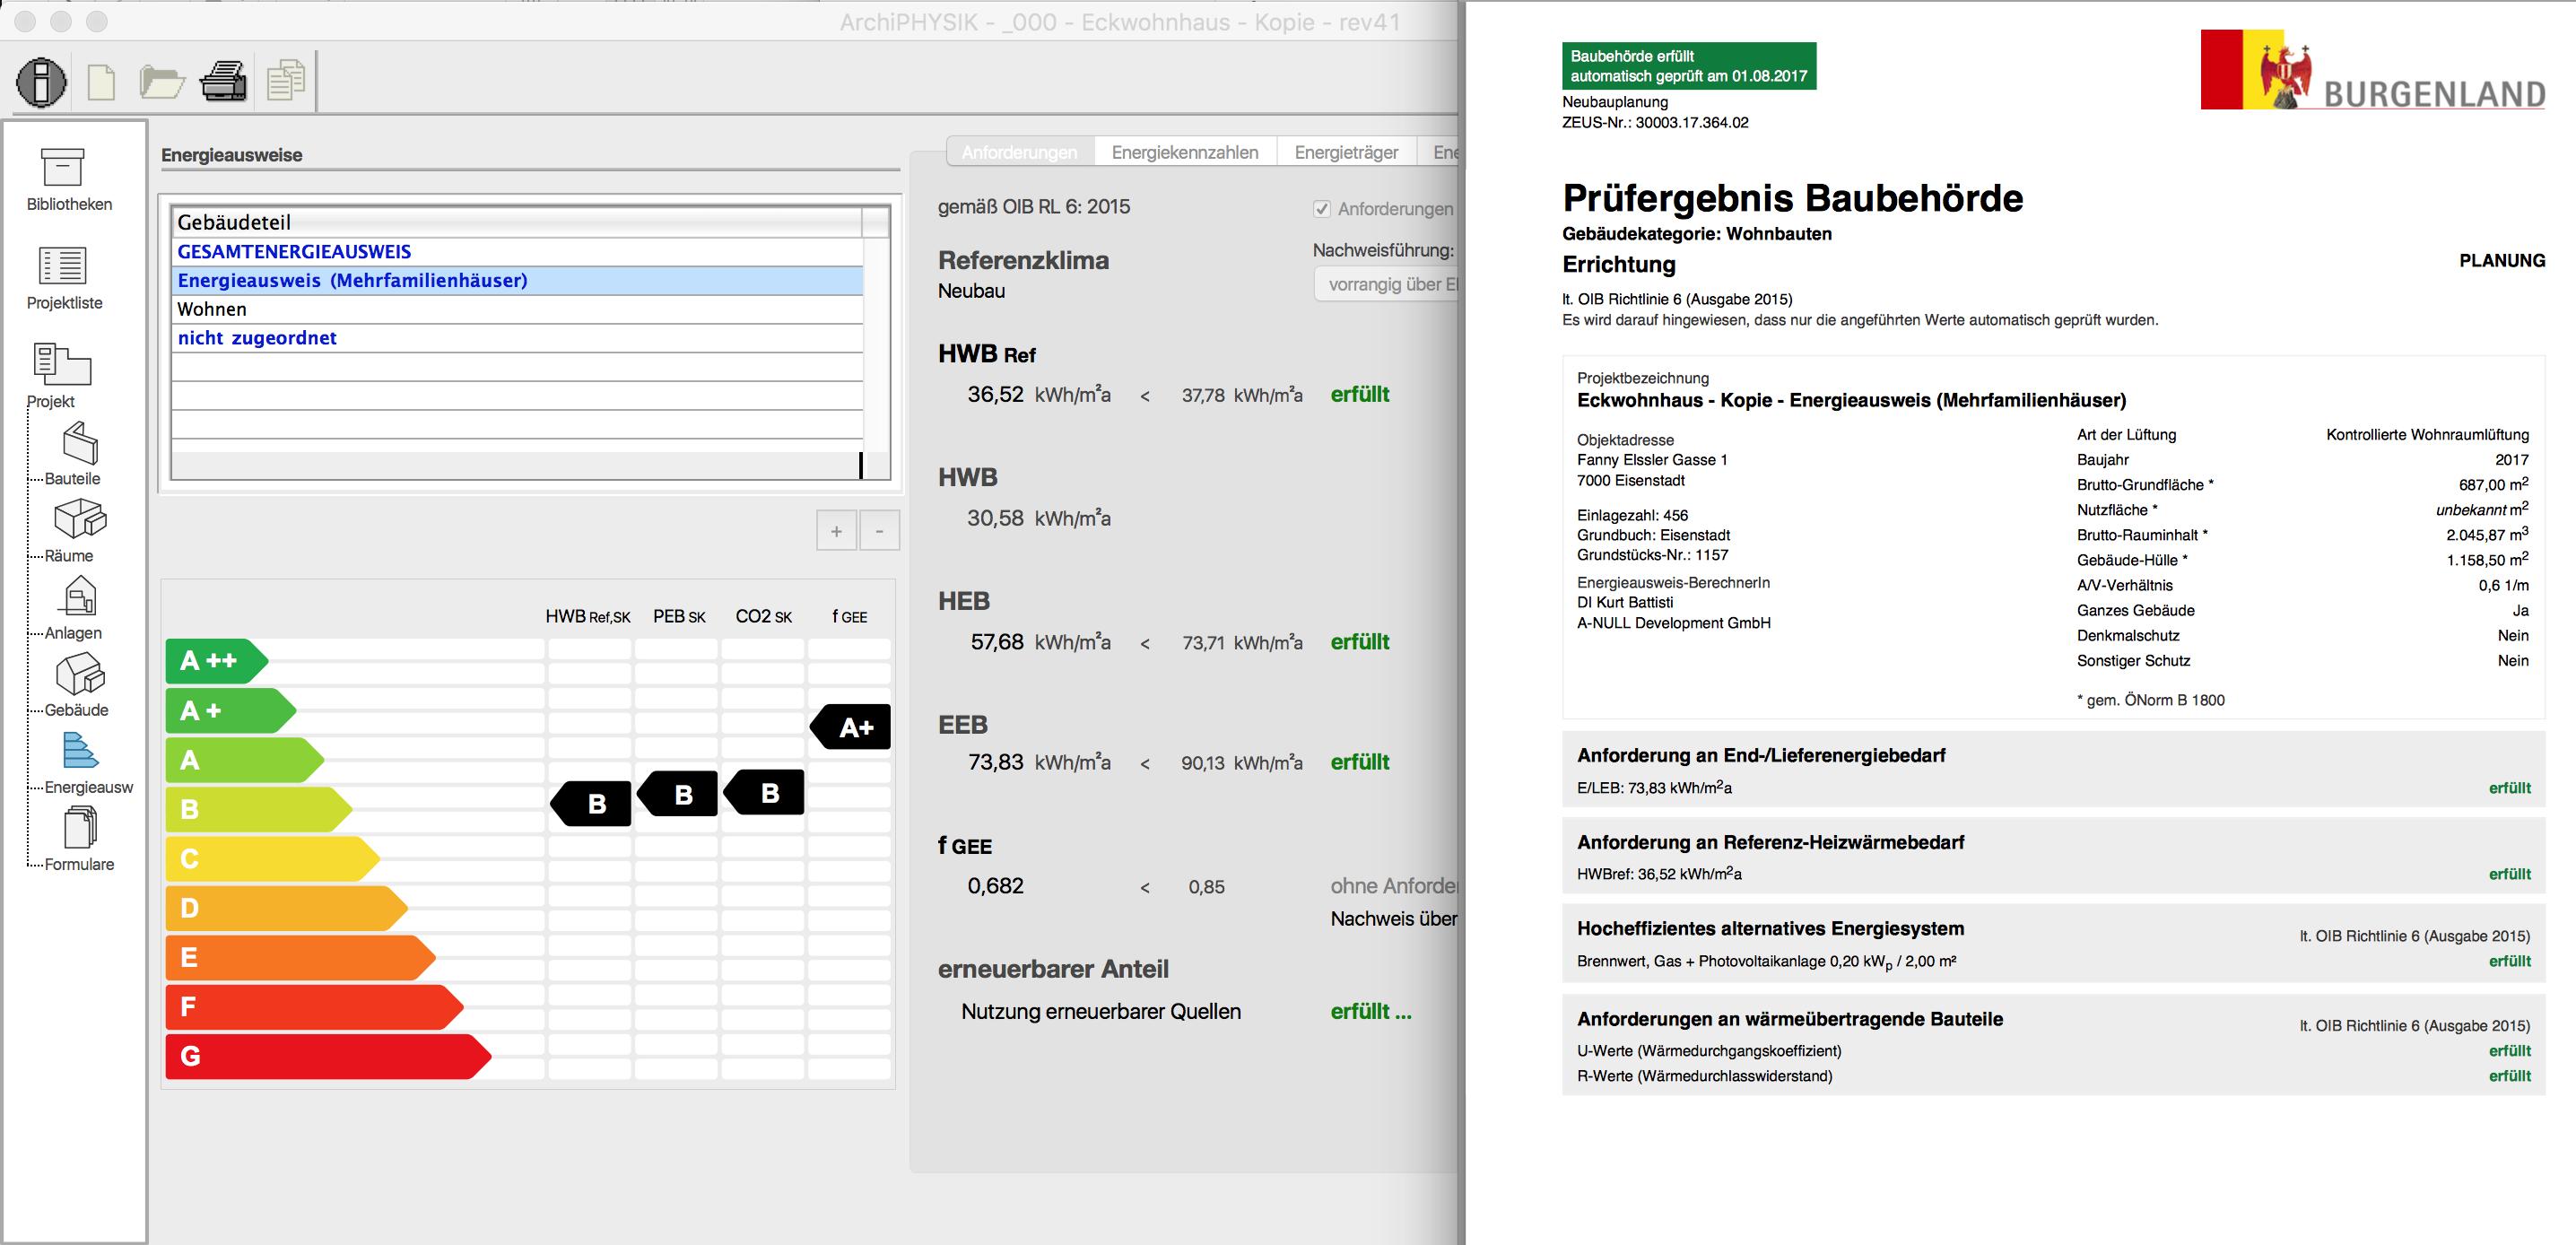 Energieausweis ZEUS Burgenland - Hocheffiziente alternative Energiesysteme nachweisen